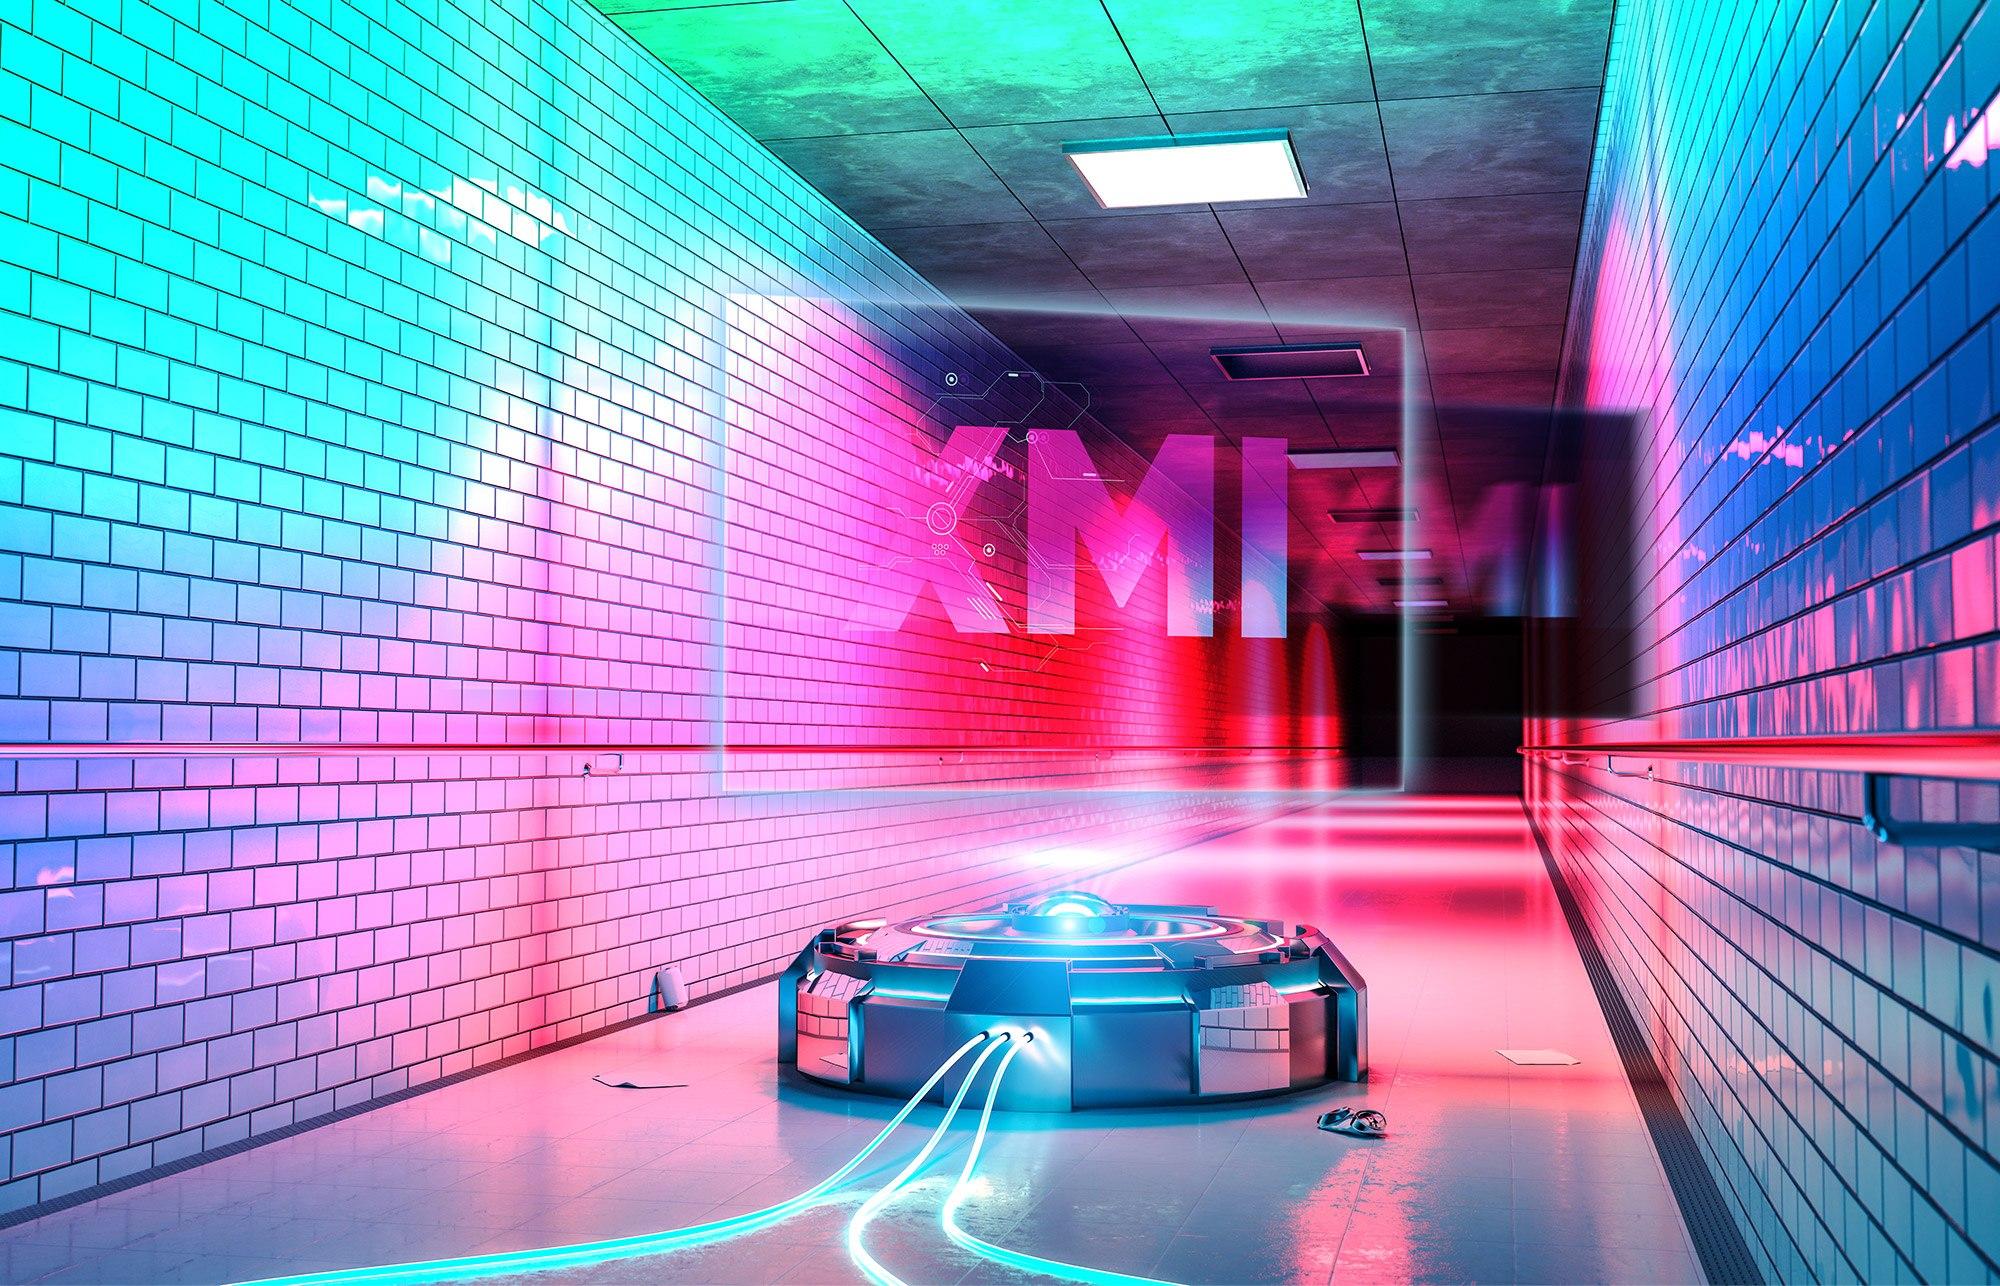 XMI design cover image